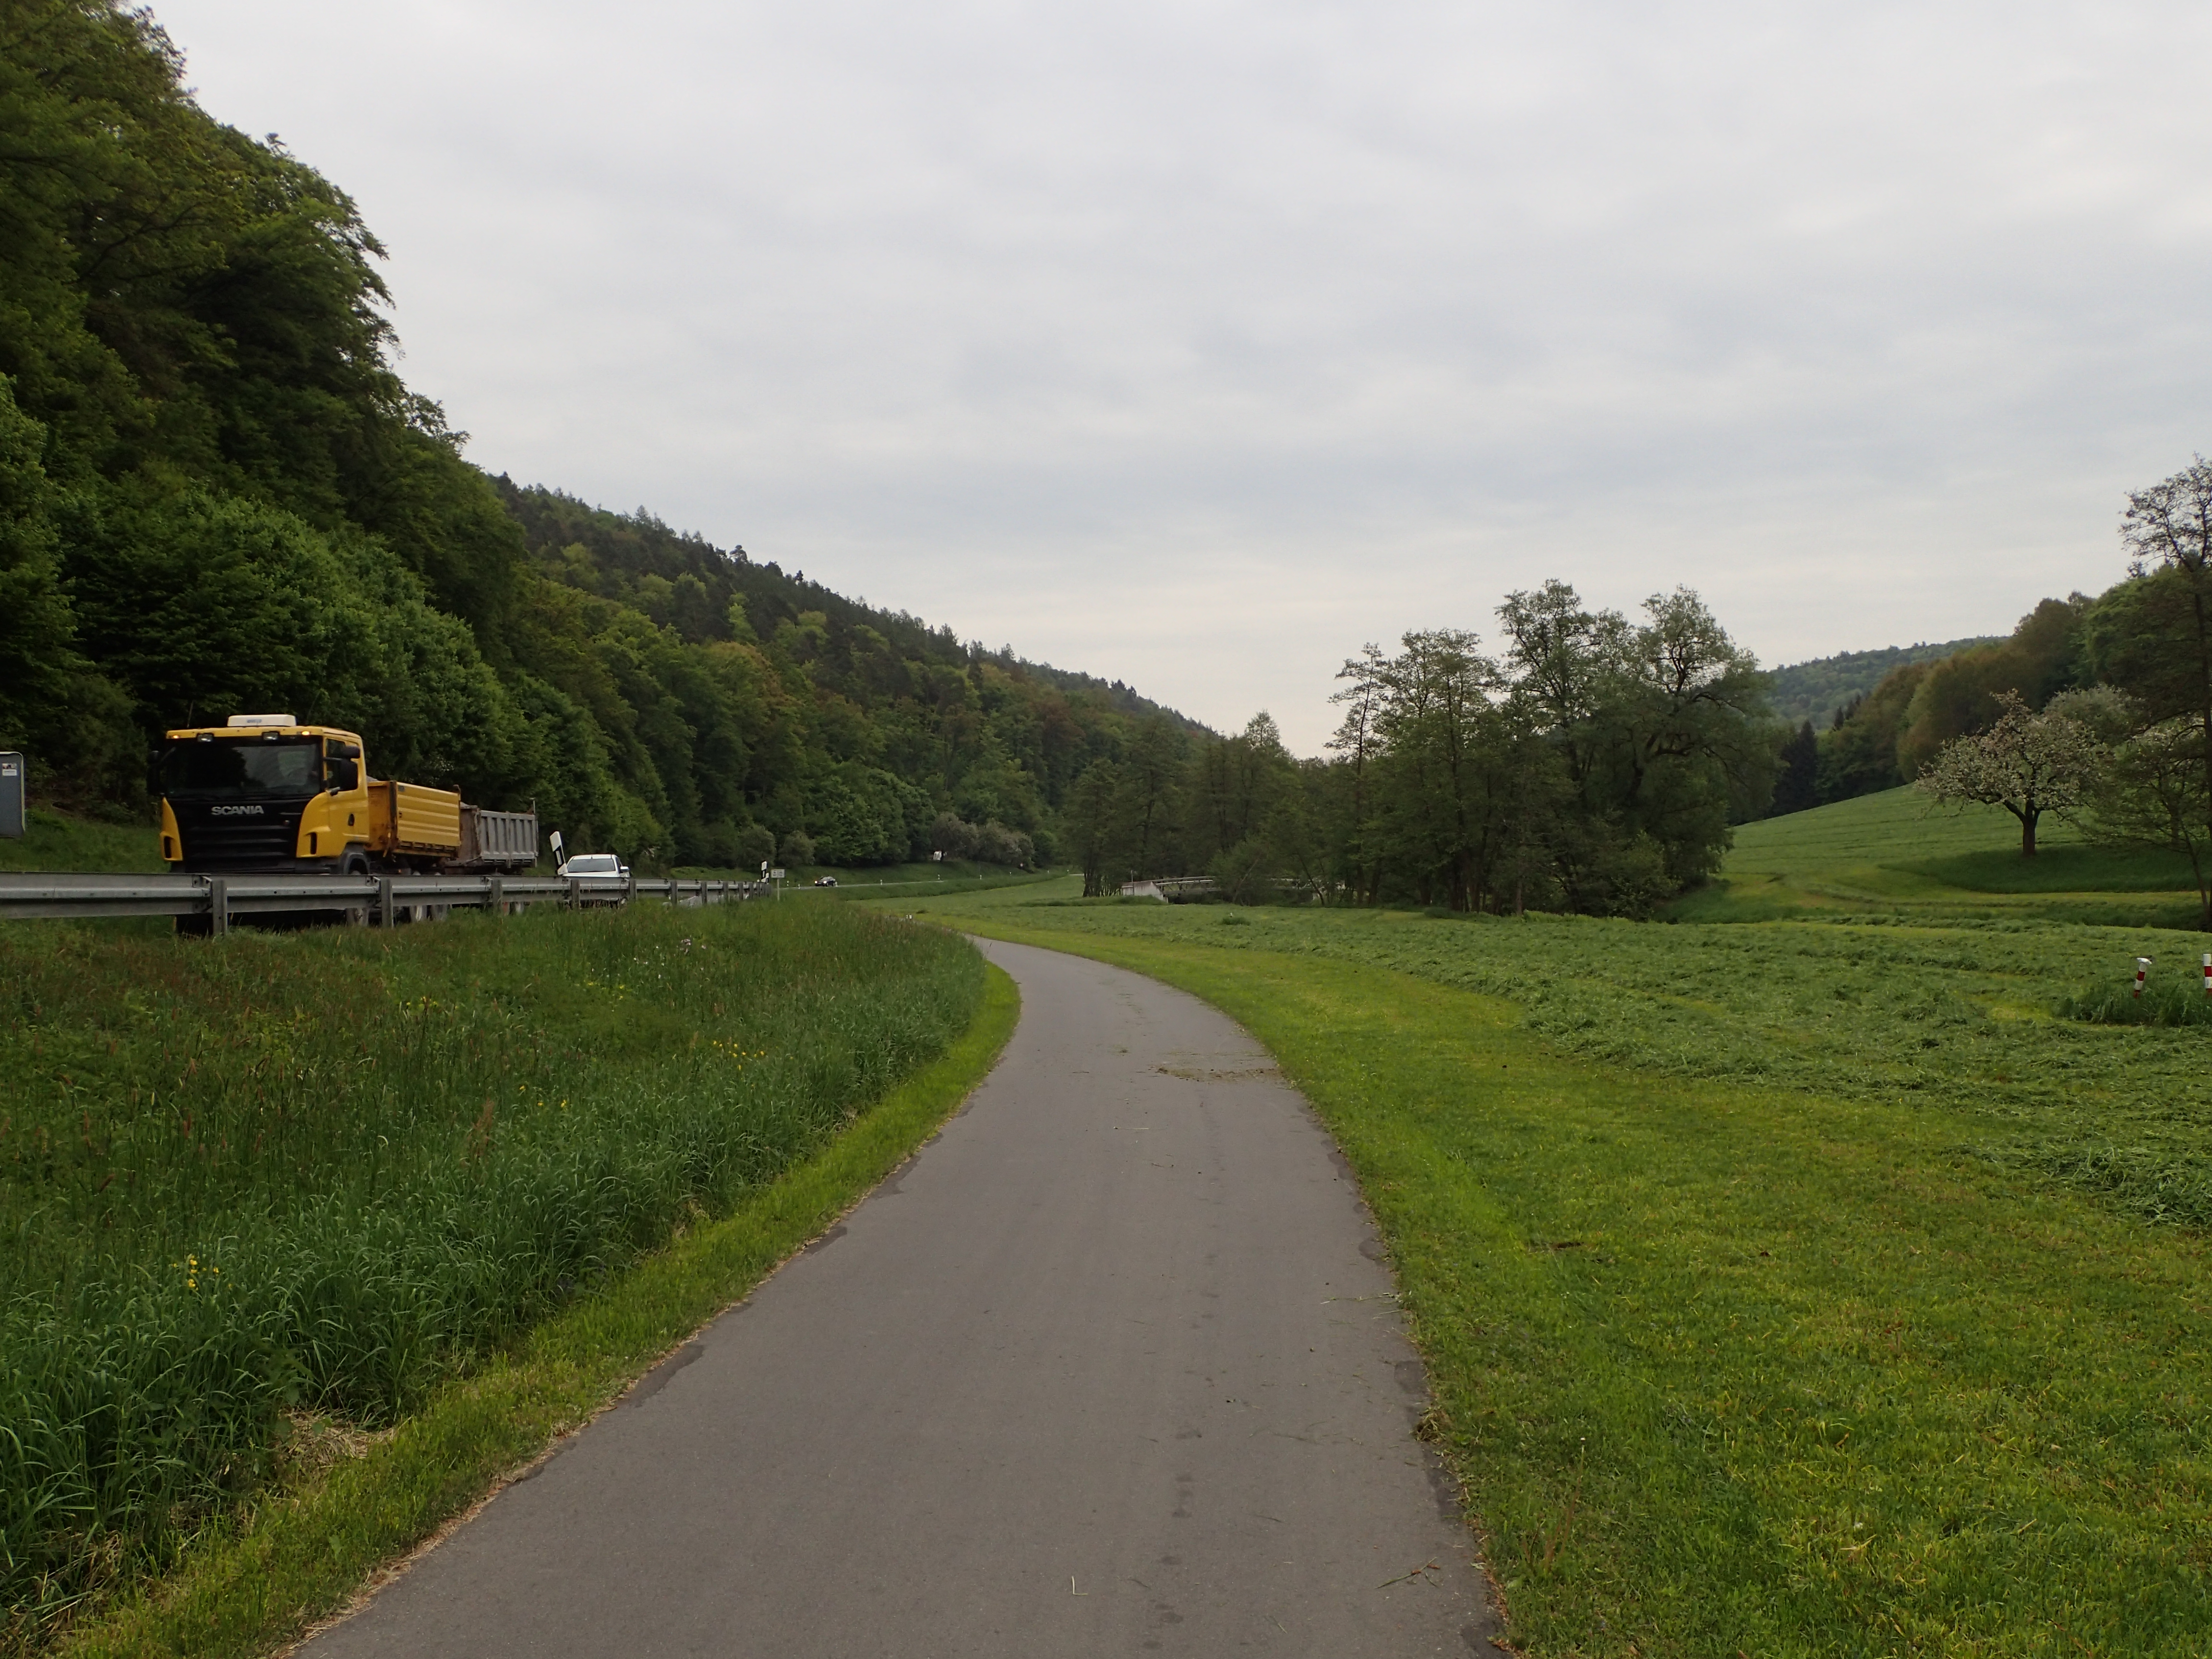 breiter landwirtschaftlicher Weg, der auch als Radweg fungiert